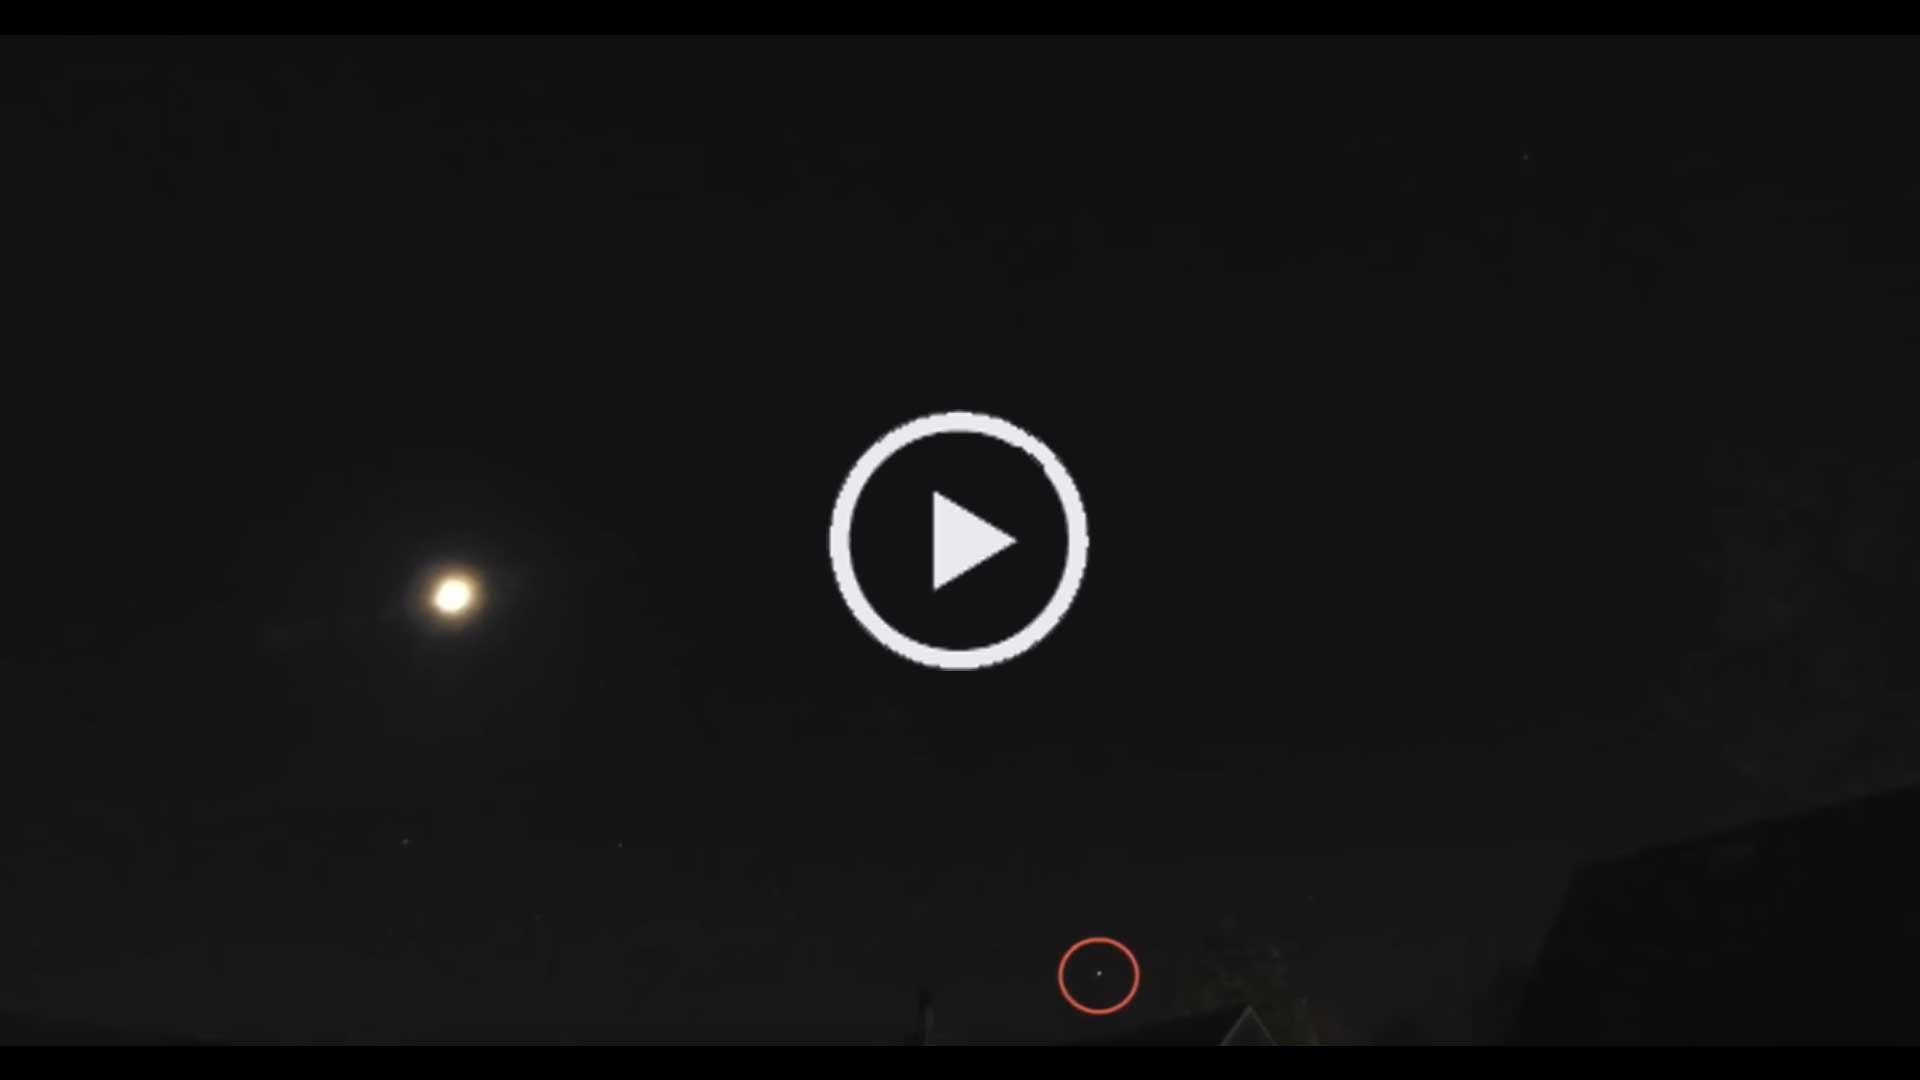 OBJETO ACTIVA PORTAL A ALTA VELOCIDAD CERCA DE SATURNO – VIDEO CON PRUEBAS DE EXPERTOS